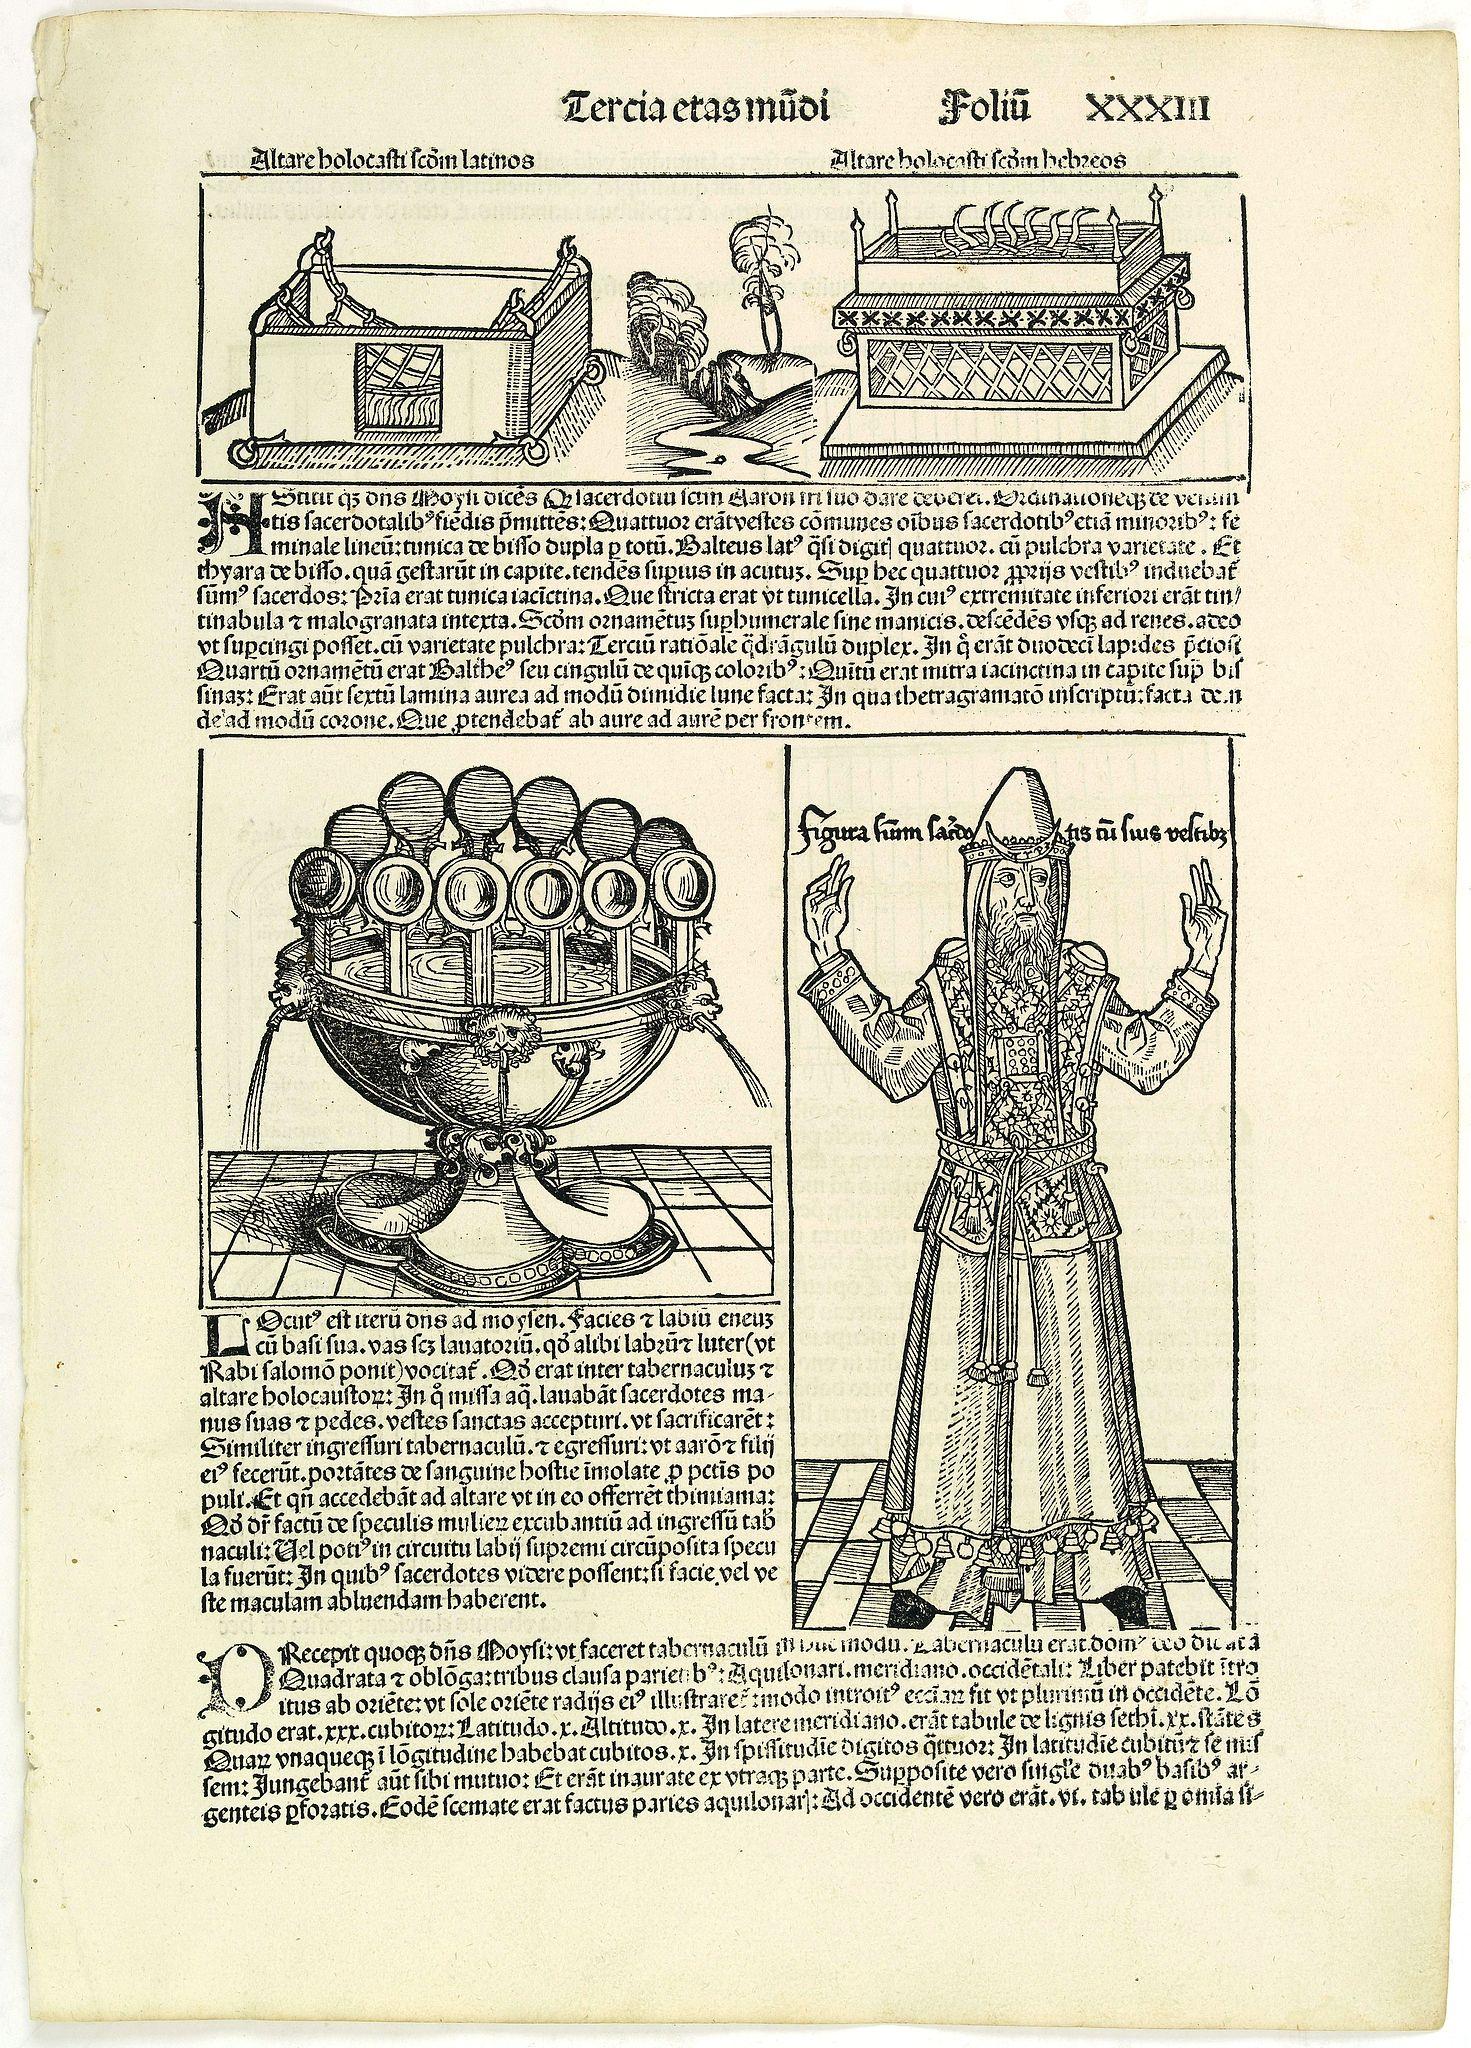 SCHEDEL, H. -  Tercia Etas Mundi. Folium.XXXIII